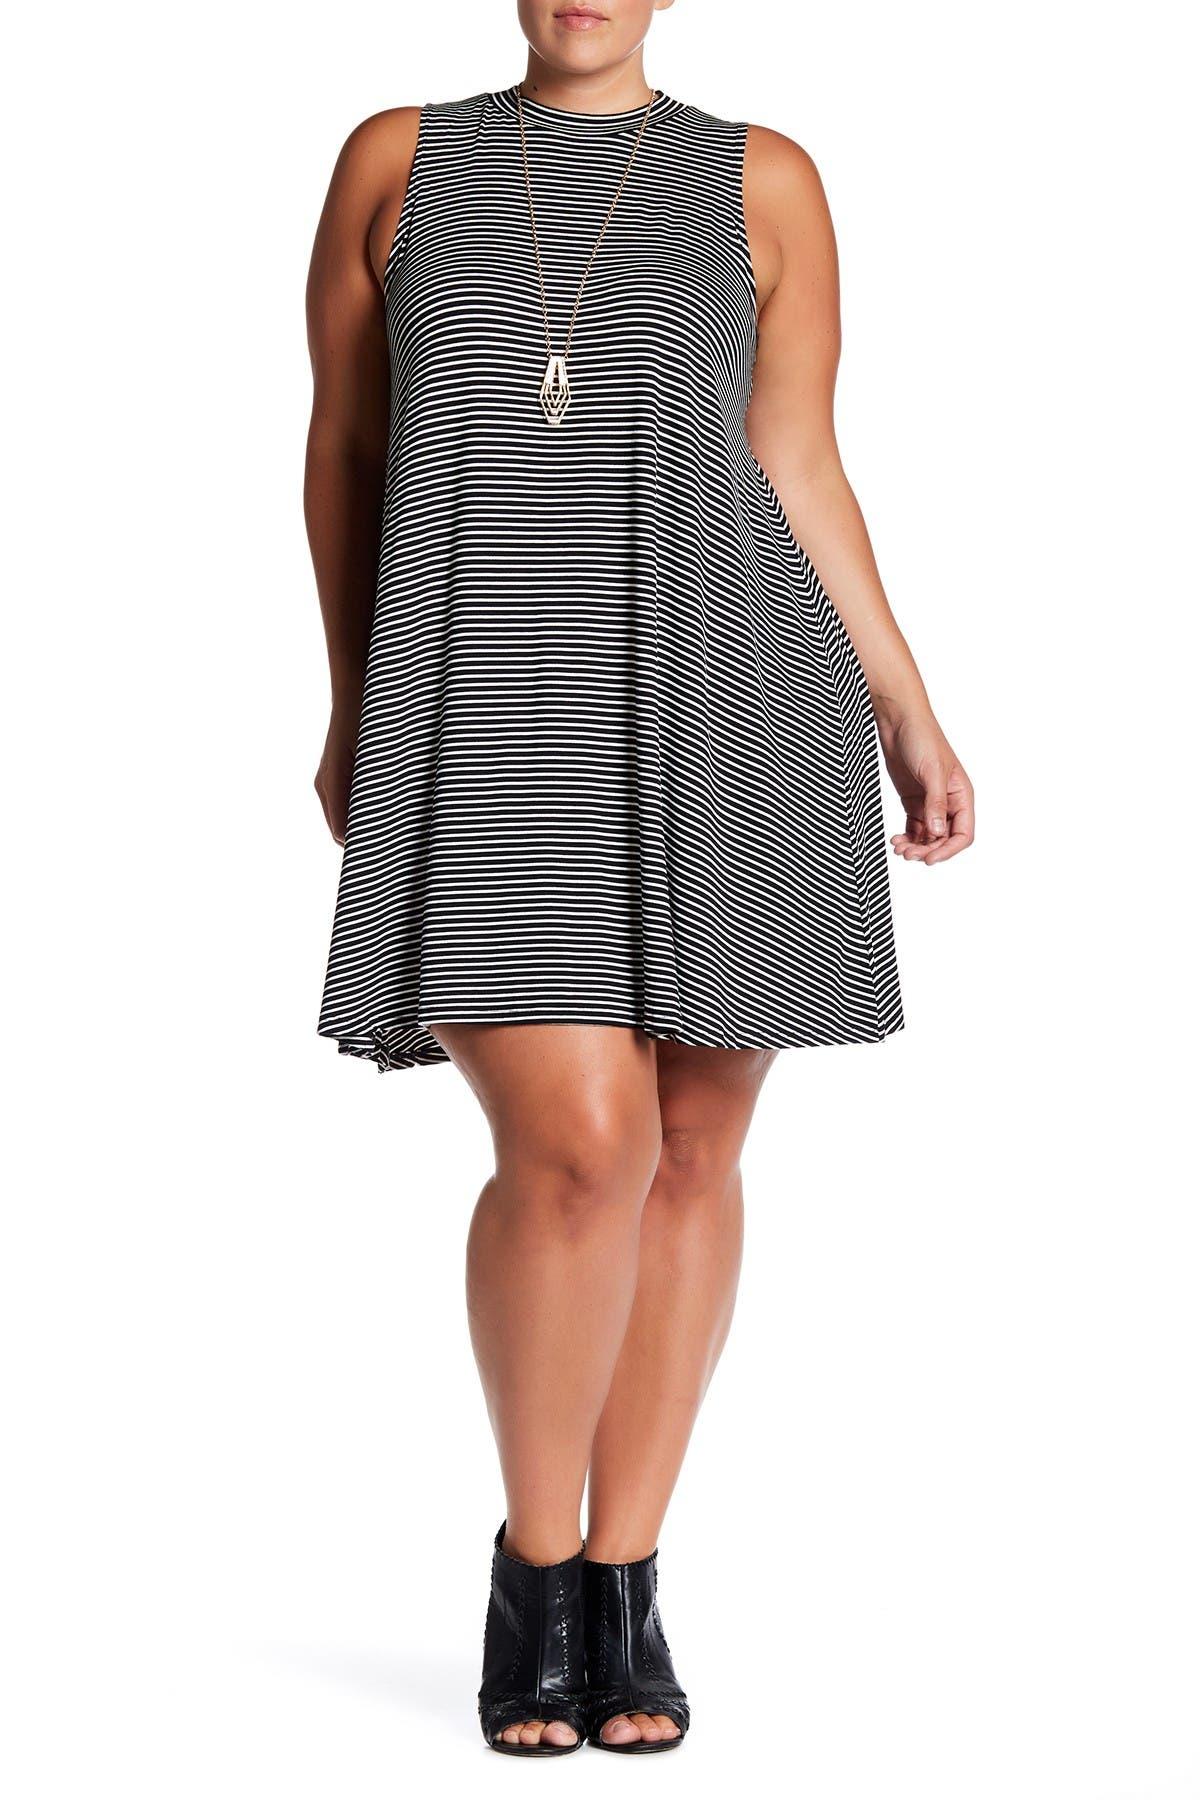 Image of Want & Need Sleeveless Striped Trapeze Dress